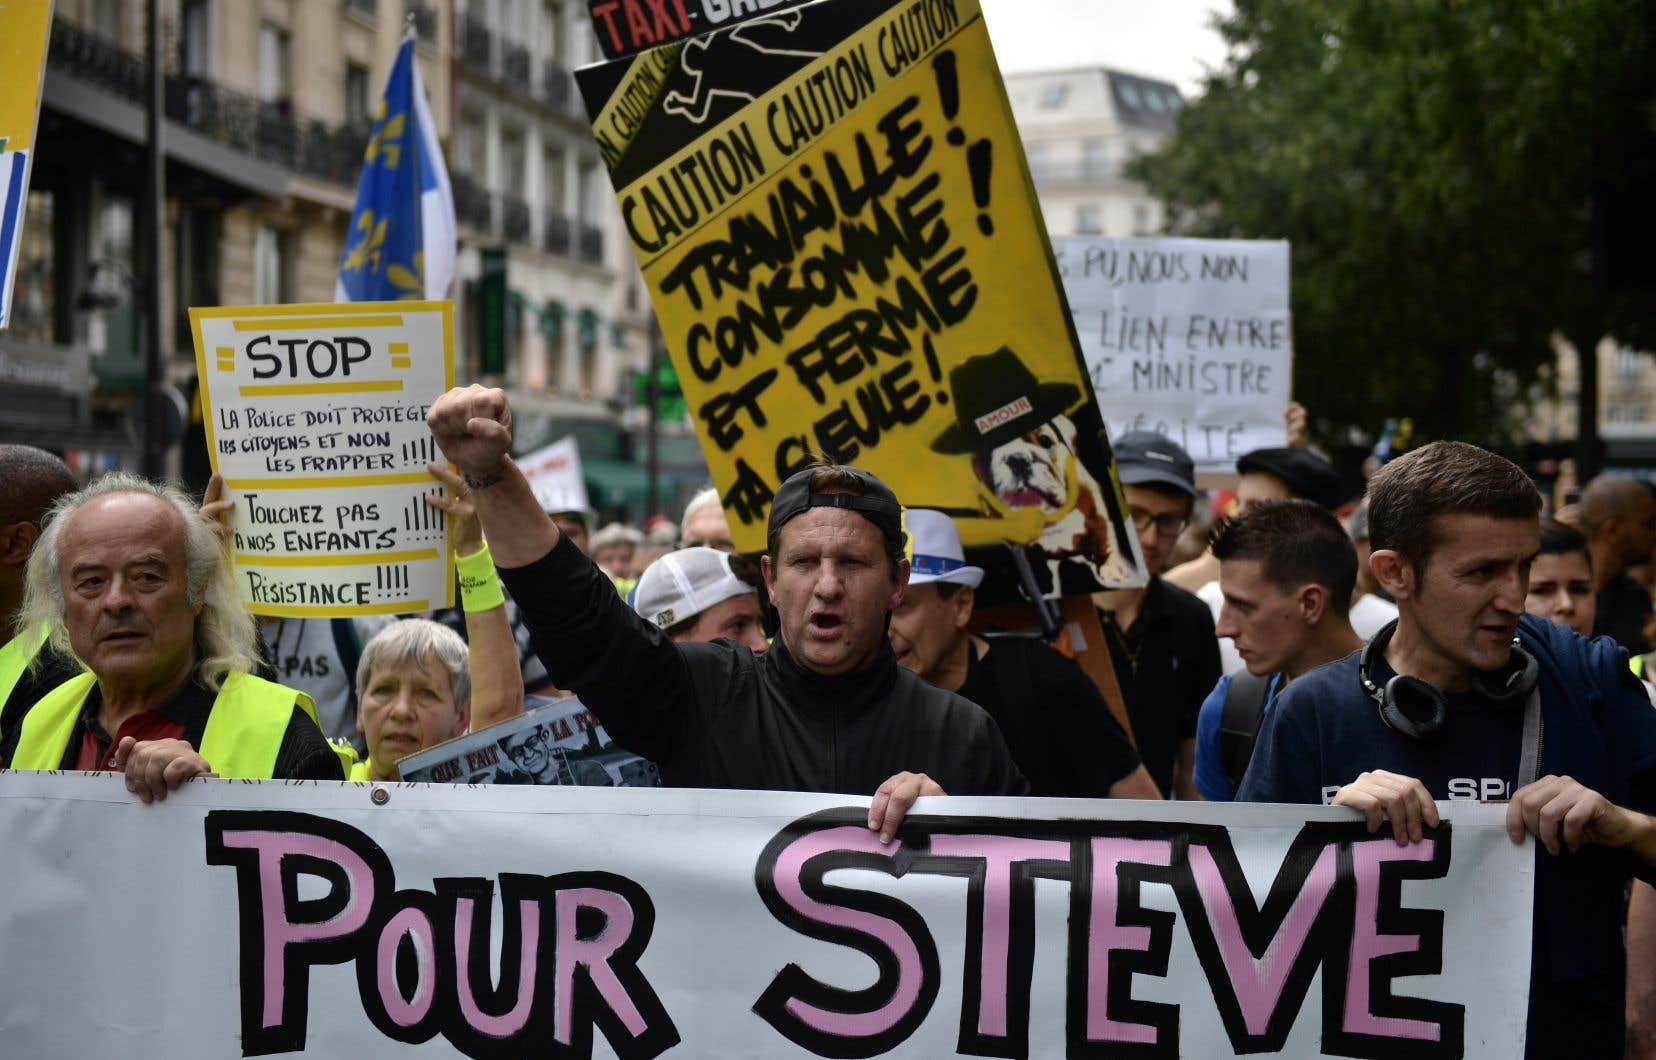 Dans la capitale française, une centaine de personnes, parfois vêtues de gilets jaunes, ont rendu hommage à Steve Maia Caniço.